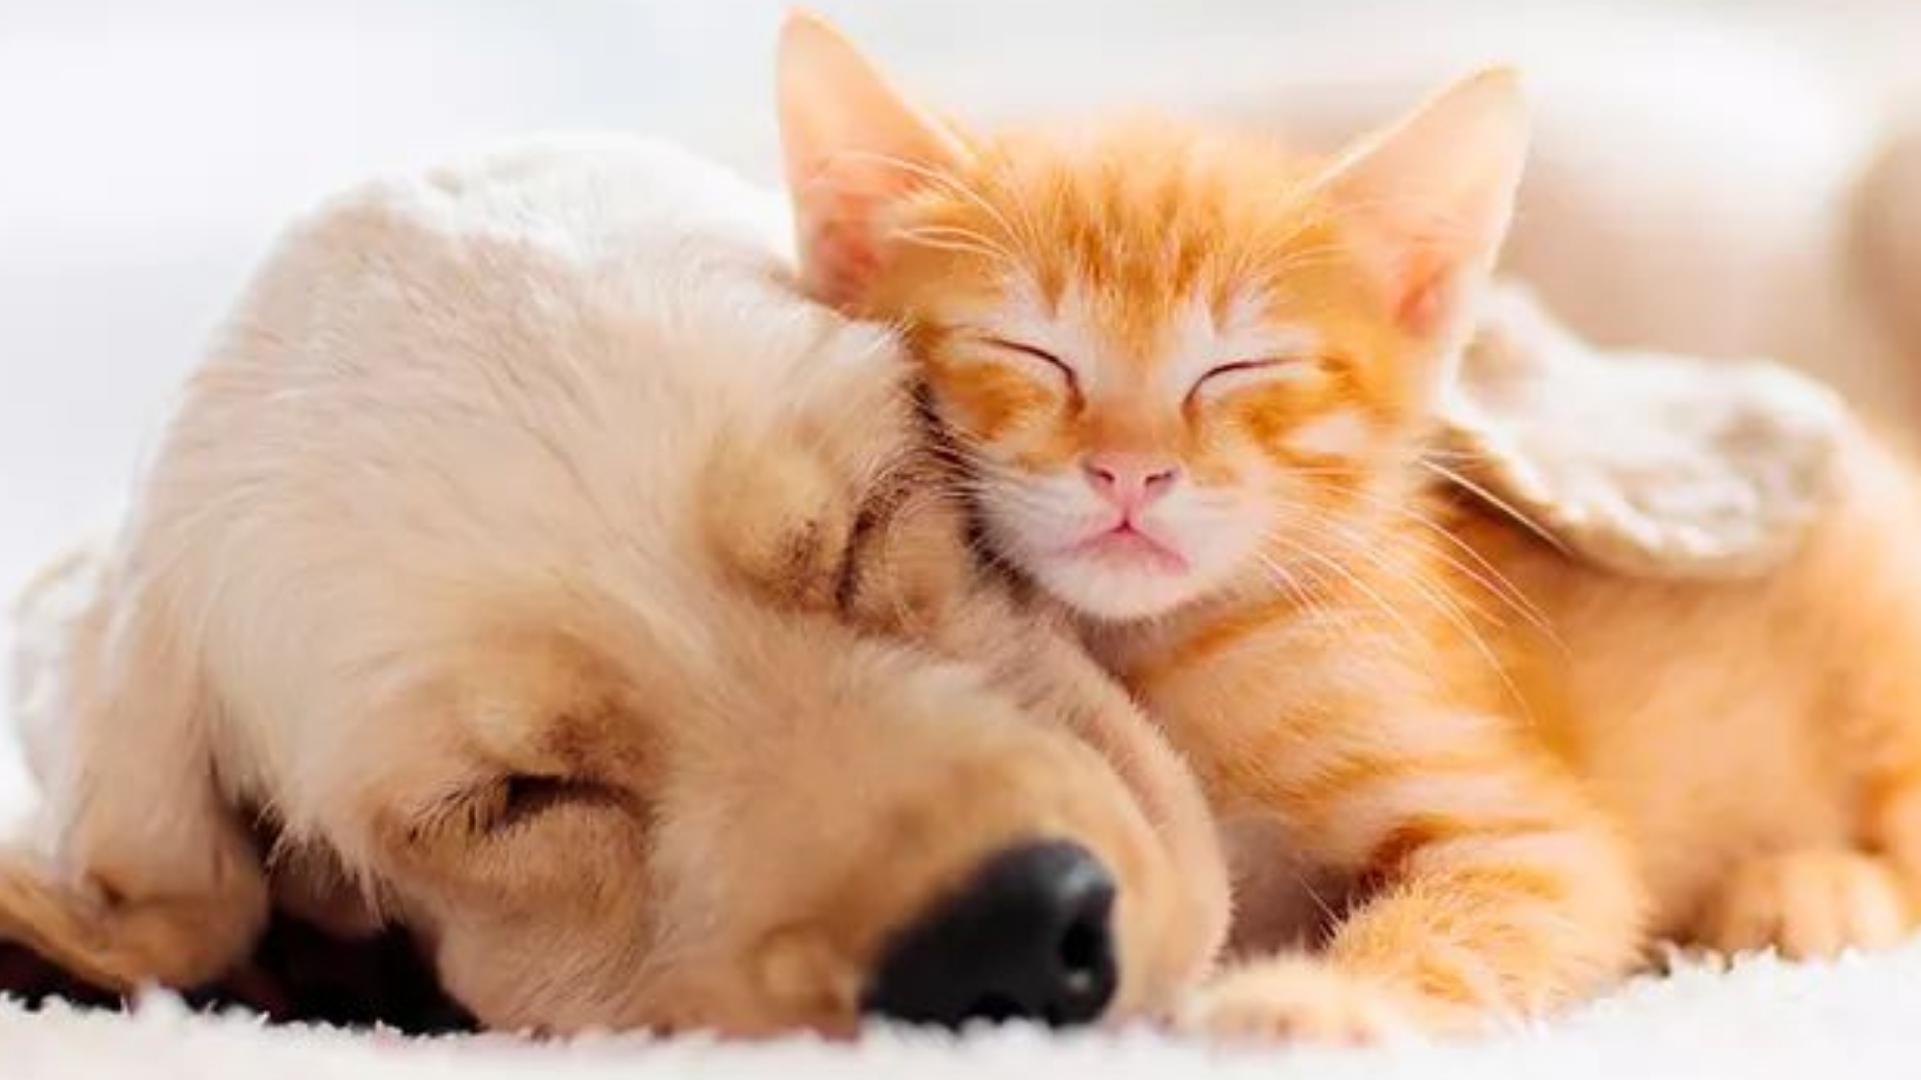 Senado aprova: Até 5 anos de reclusão para quem maltratar cães e gatos